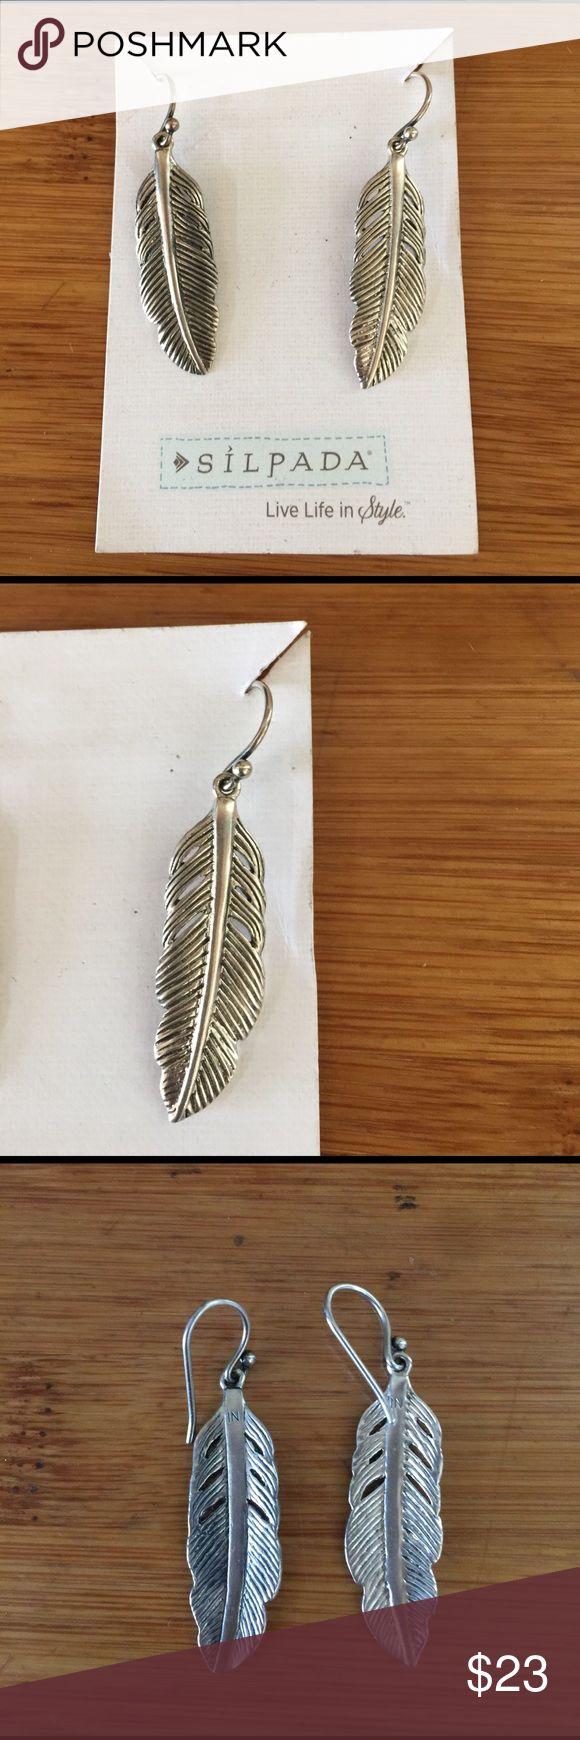 Silpada design Sterling silver earrings Silpada Designs feather earrings Sterling silver Silpada Jewelry Earrings